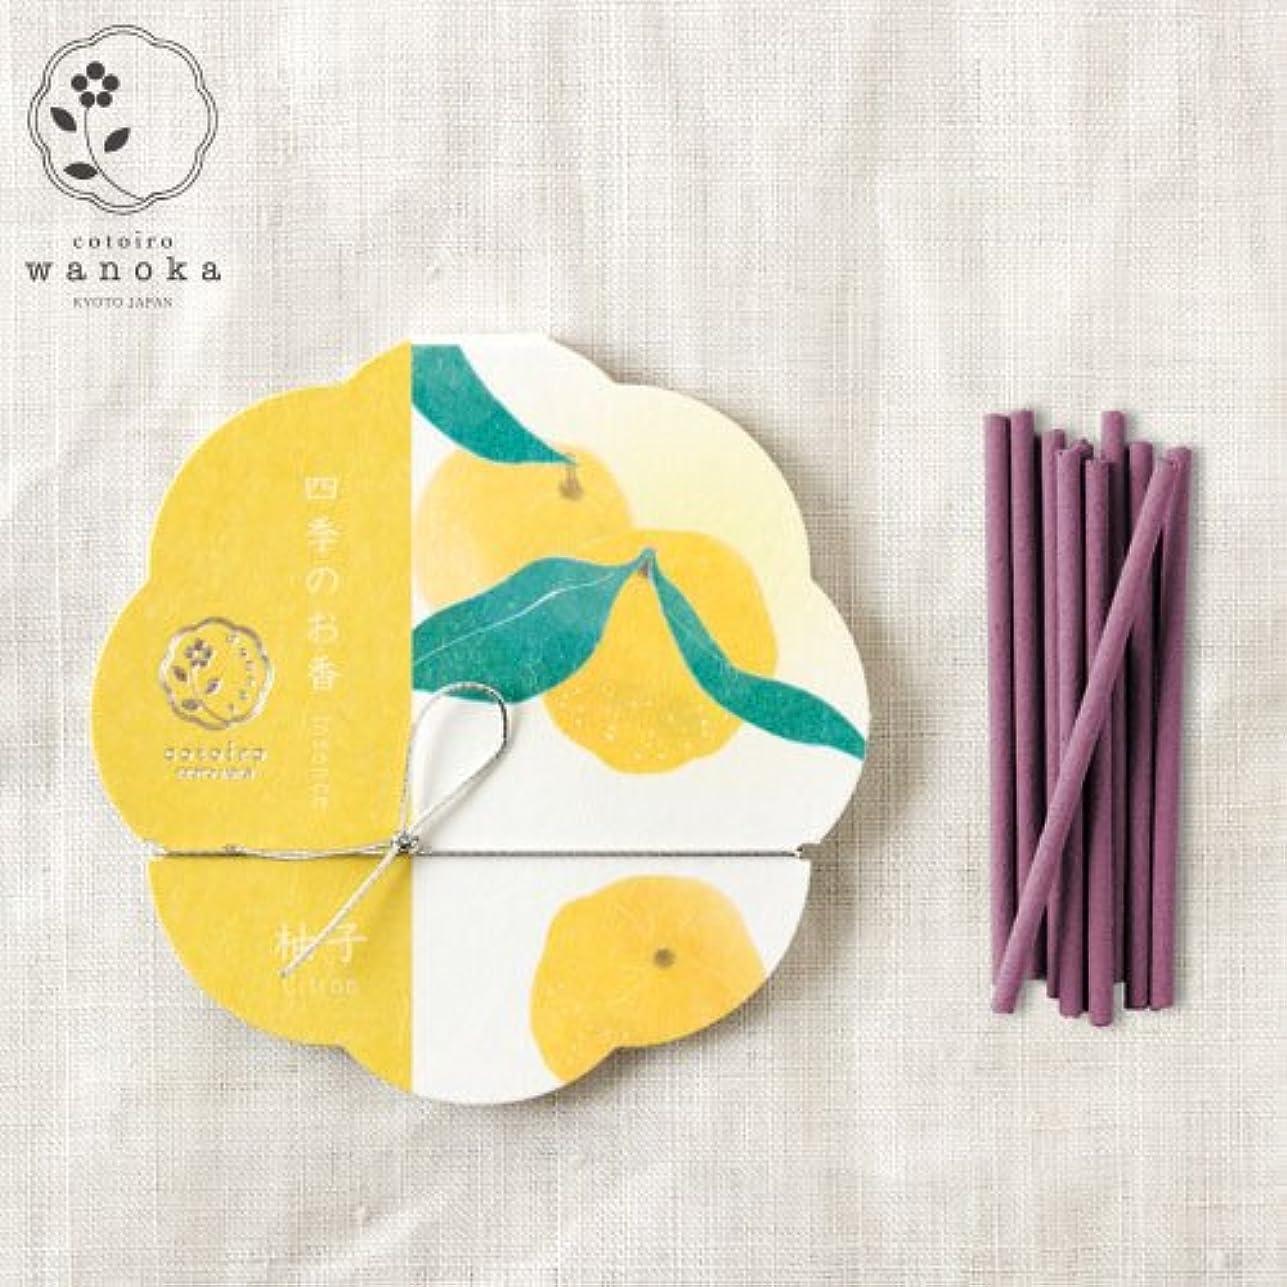 ネイティブ上に熱wanoka四季のお香(インセンス)柚子《柚子をイメージした柑橘系の香り》ART LABIncense stick